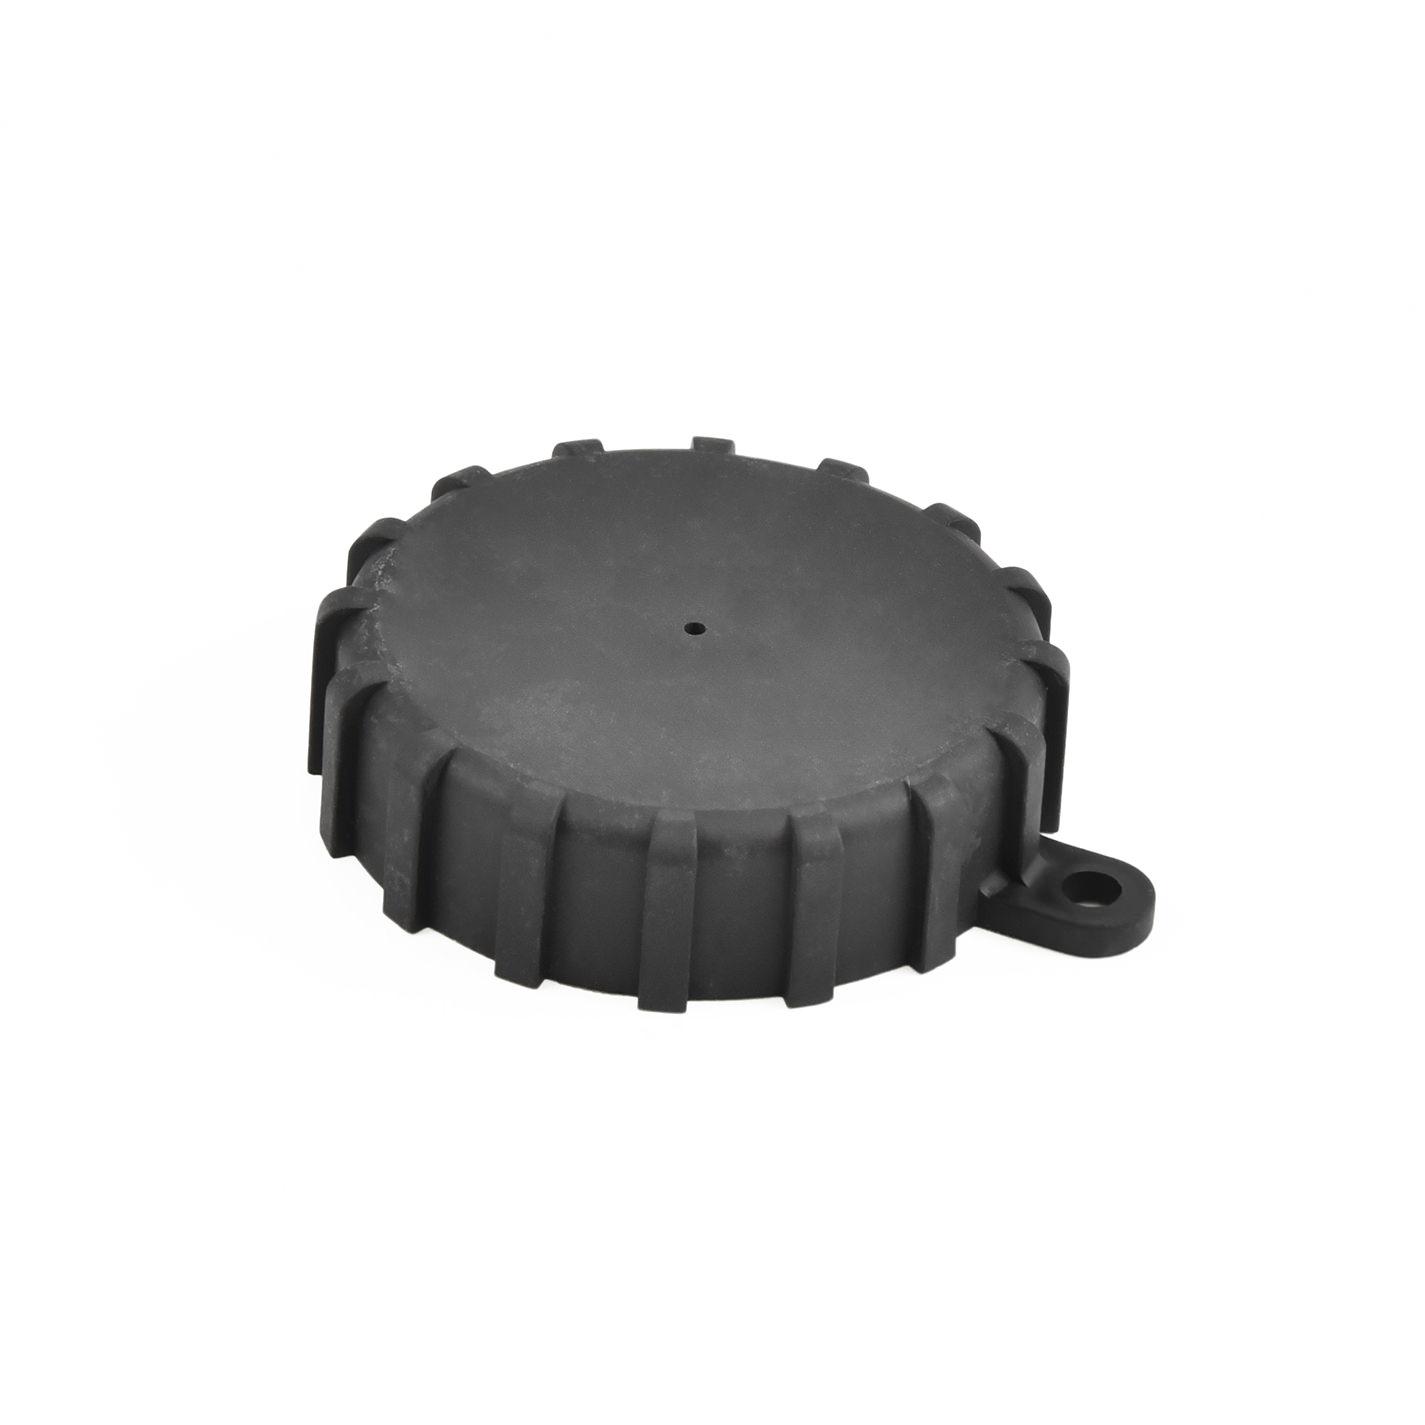 Lens Cap - Part #: A3144318 - NSN: 5855-01-397-6608